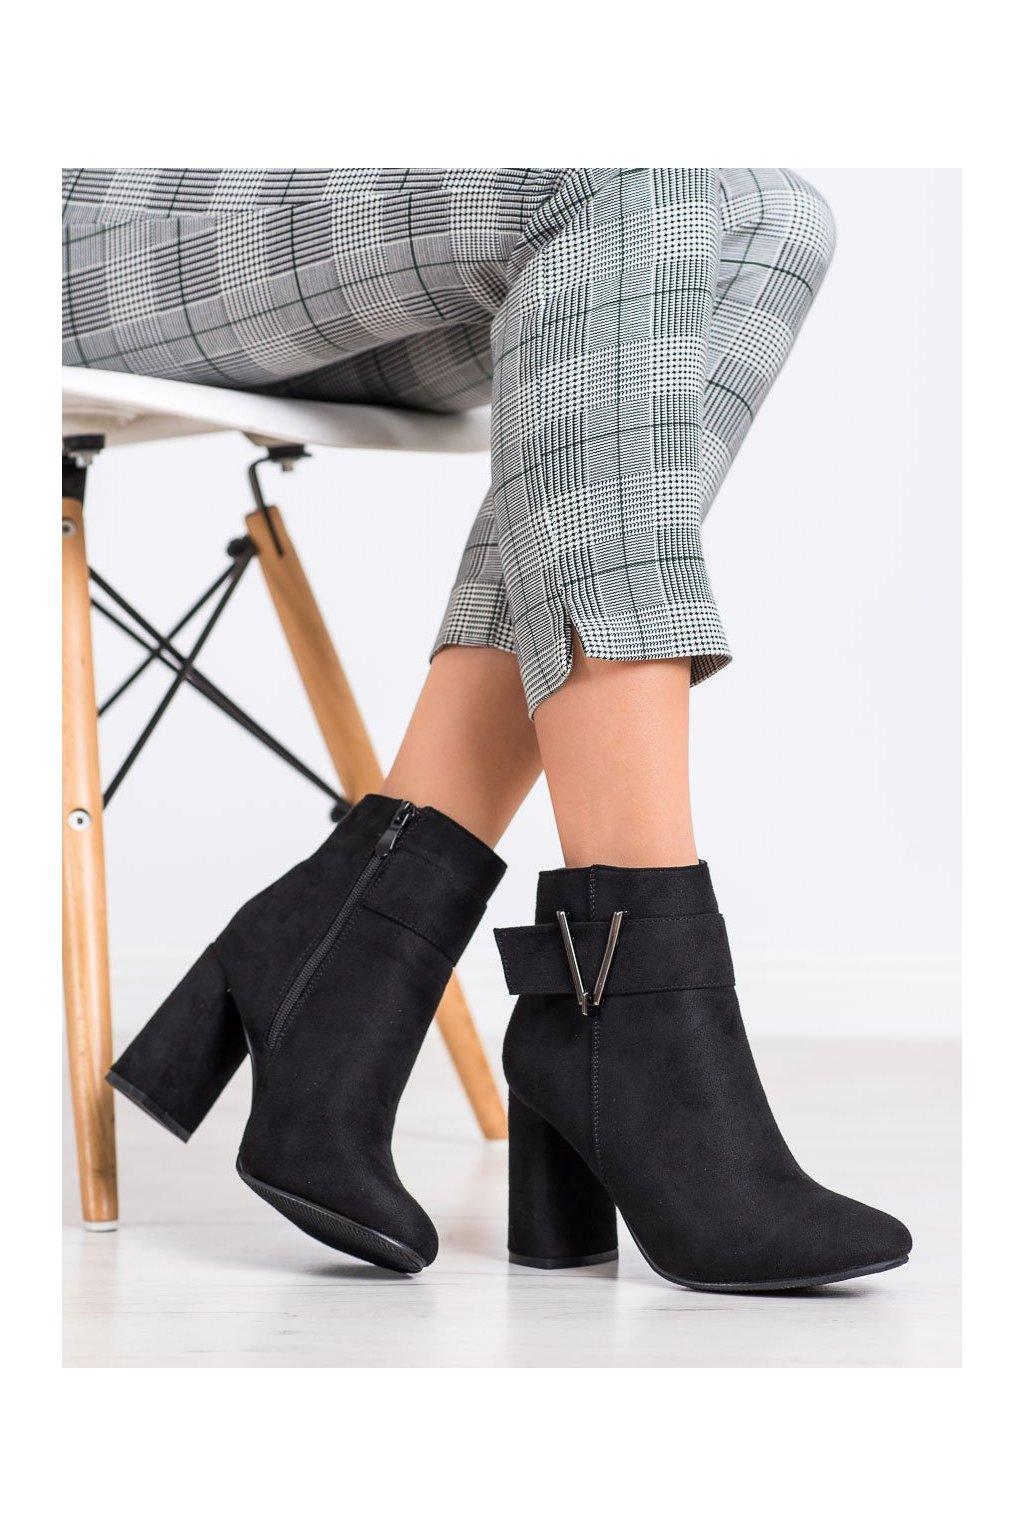 Čierne dámske topánky Balada kod W135-1B